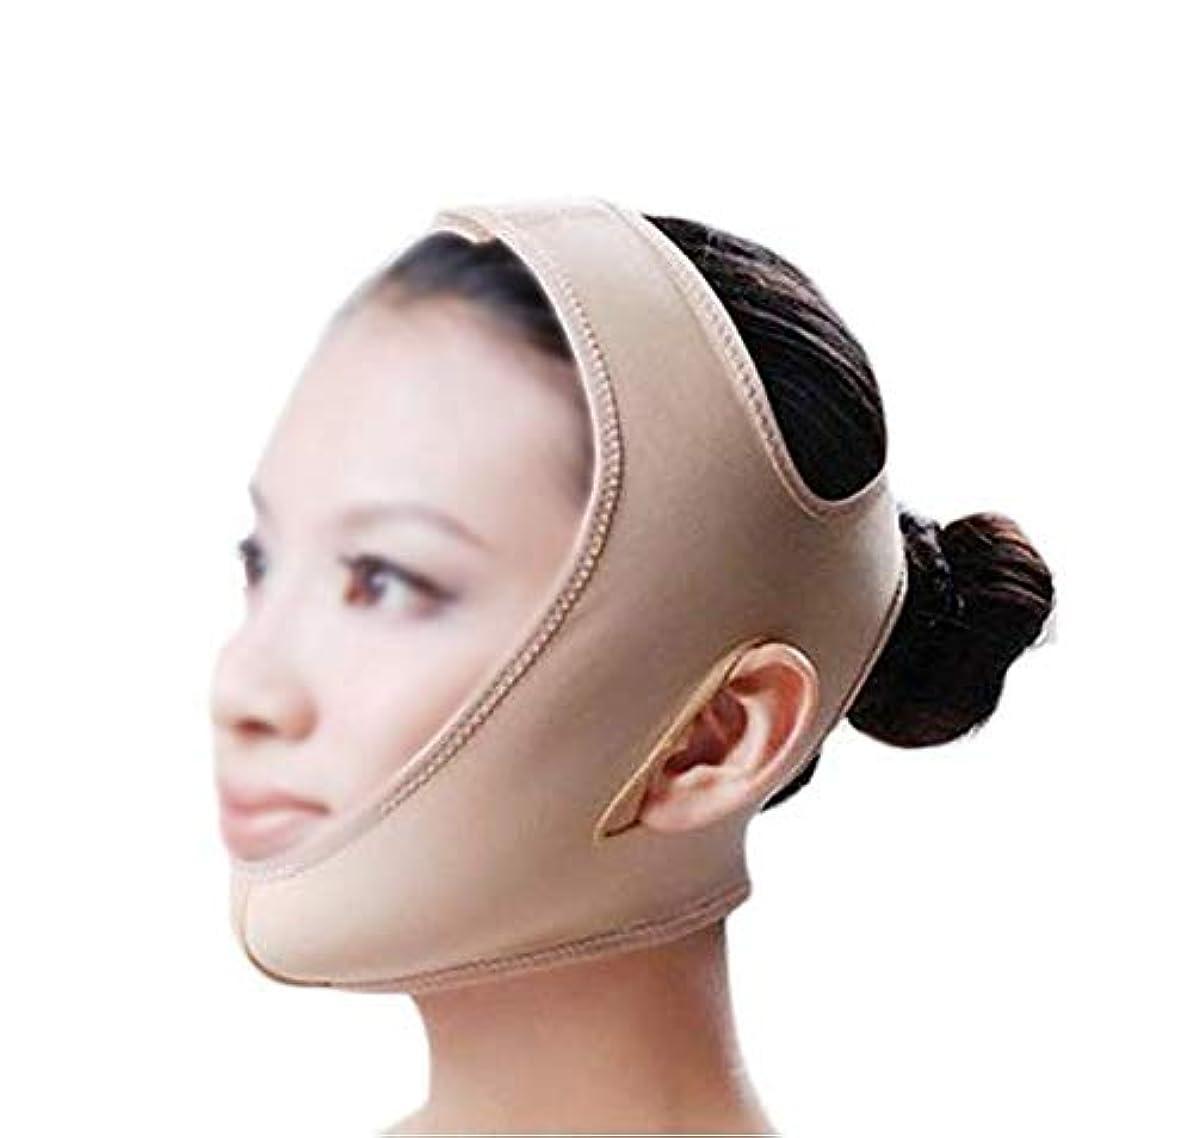 カフェテリア革新恥ずかしいGLJJQMY 引き締めマスクマスクフェイシャルマスク美容薬マスク美容V顔包帯ライン彫刻引き締めしっかりした二重あごマスク 顔用整形マスク (Size : M)